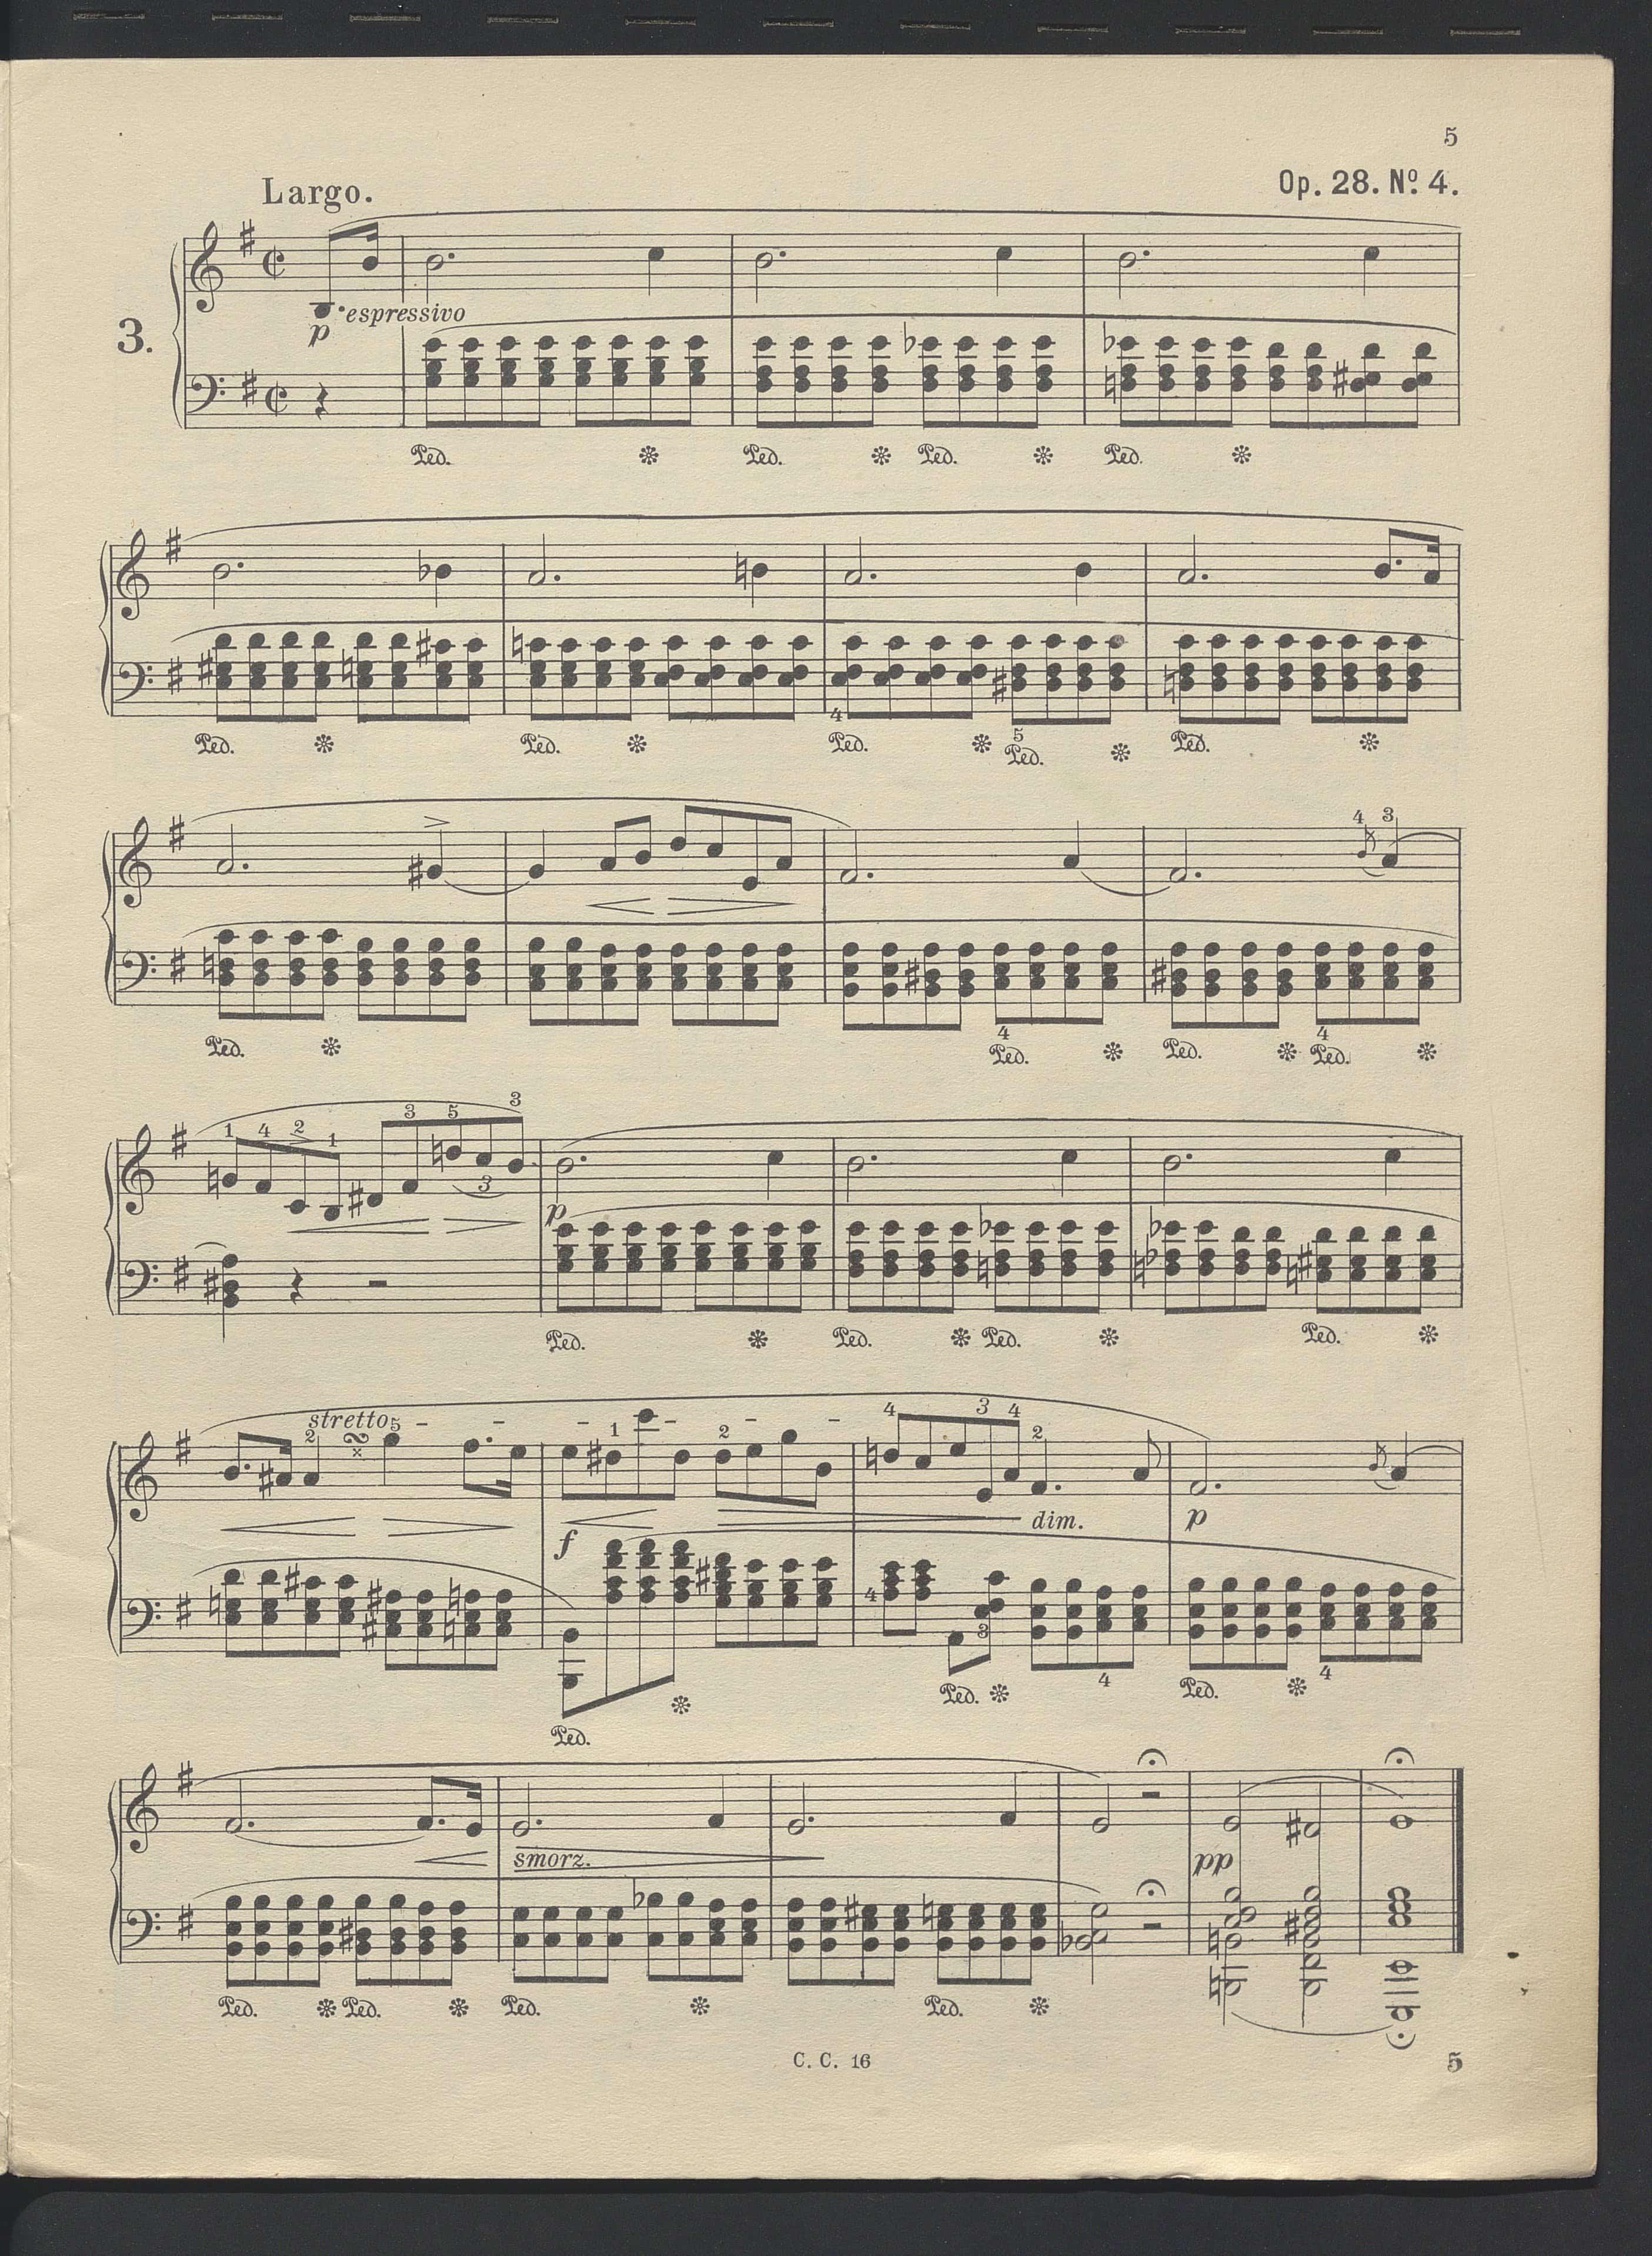 Preludium e-moll Op. 28 nr.4 s.5 w wydaniu z ok. 1900. Źródło: Polona